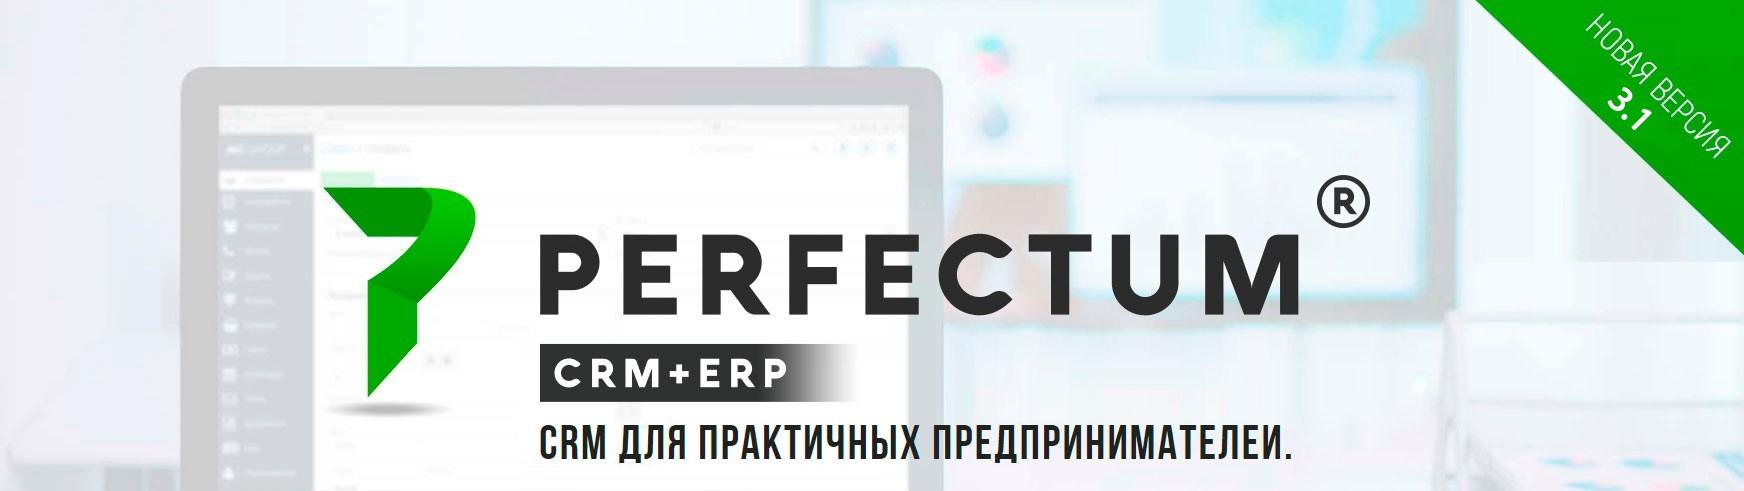 Новая версия Perfectum CRM+ERP 3.1